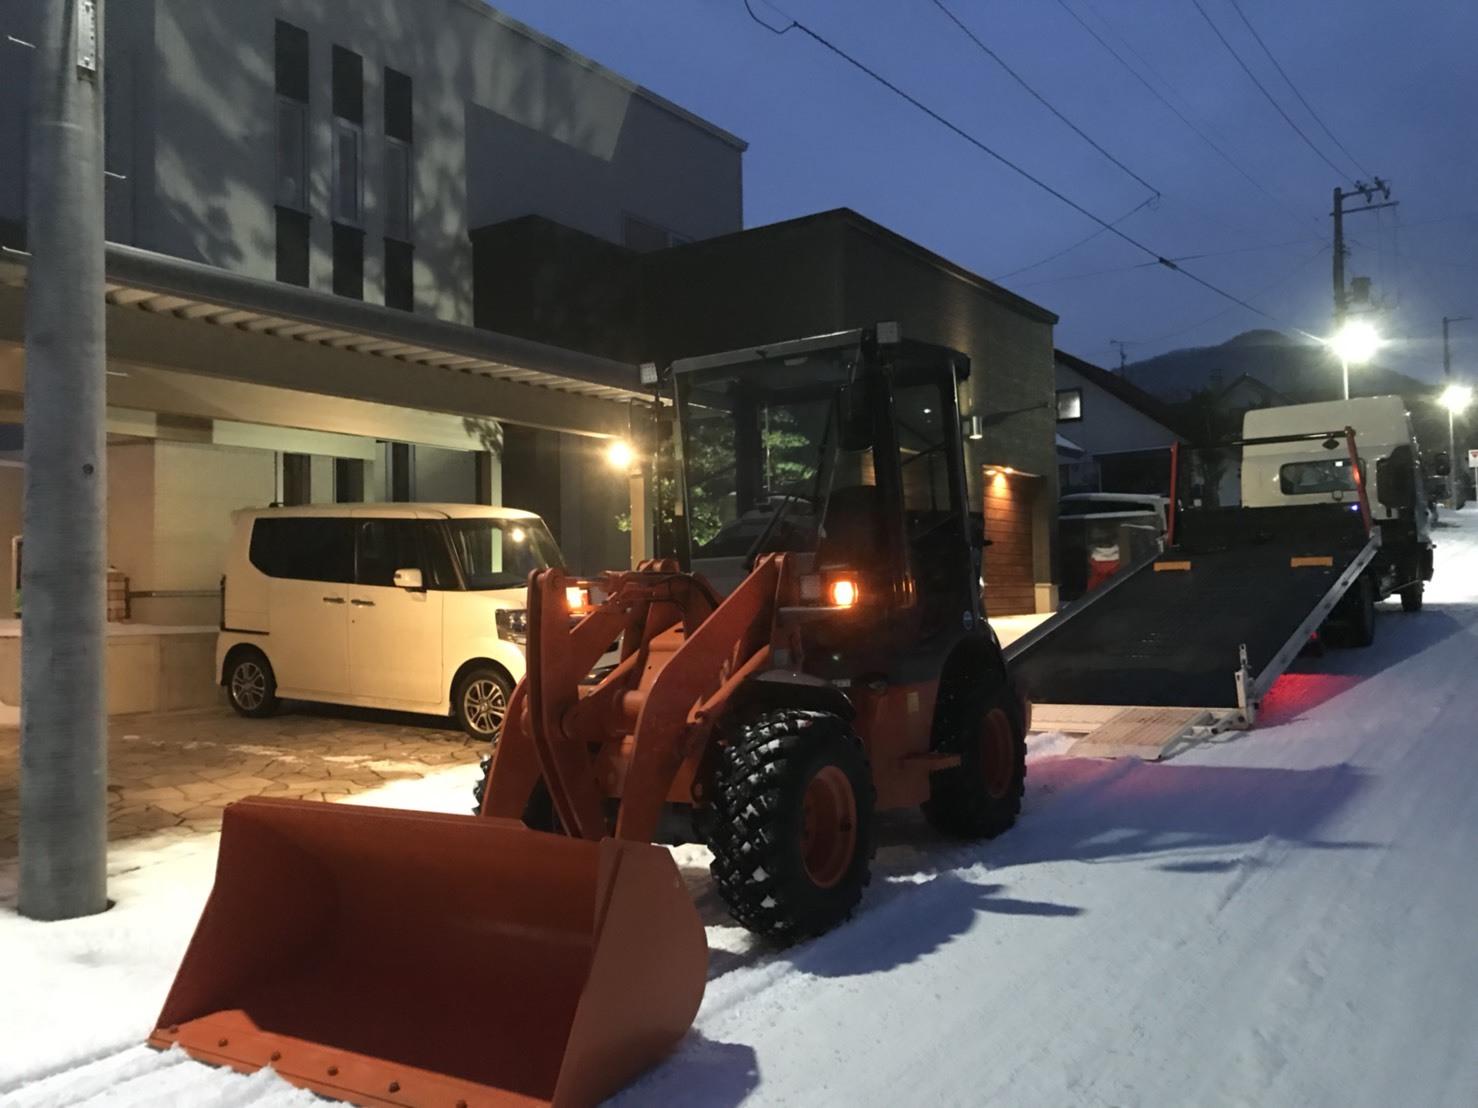 12月3日トミーモータース☆本店ブログ♪トミーレンタカーT様ご利用頂きました!_b0127002_17442744.jpg